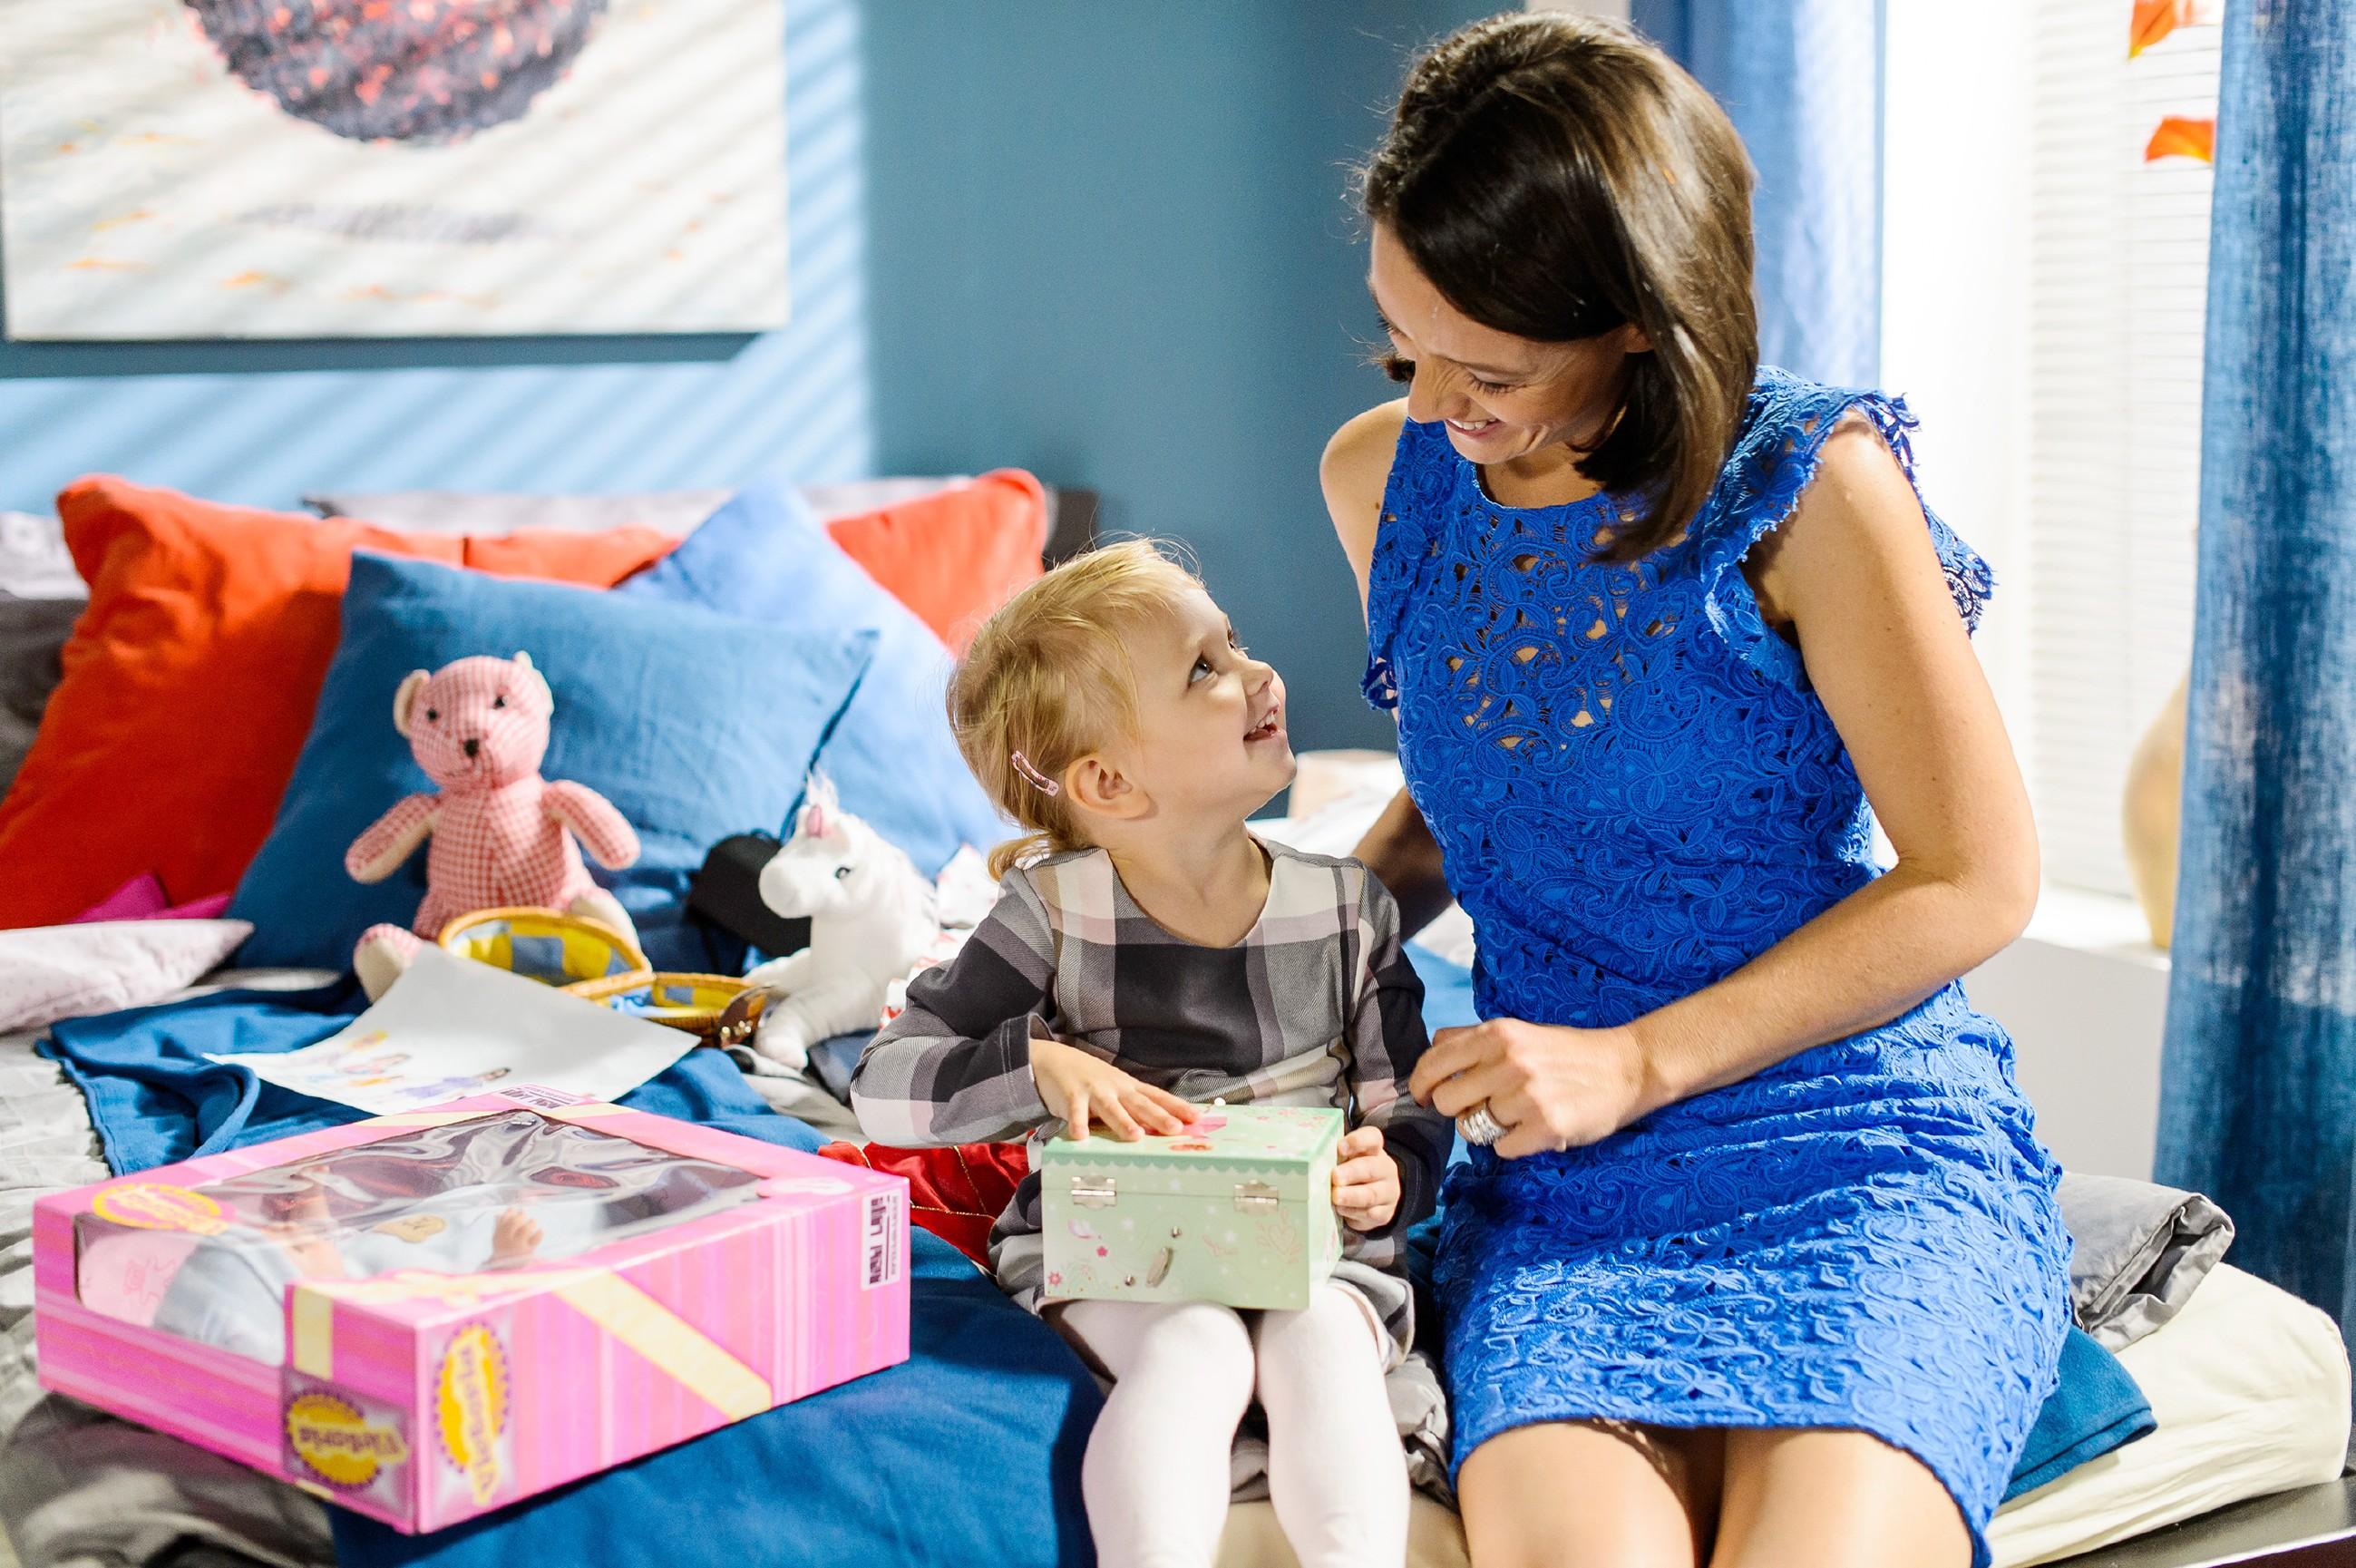 Durch den Konflikt mit ihrer Mutter verletzt, zieht Jenny (Kaja Schmidt-Tychsen, r.) es vor, Weihnachten allein mit Annabelle zu feiern. (Quelle: RTL / Willi Weber)